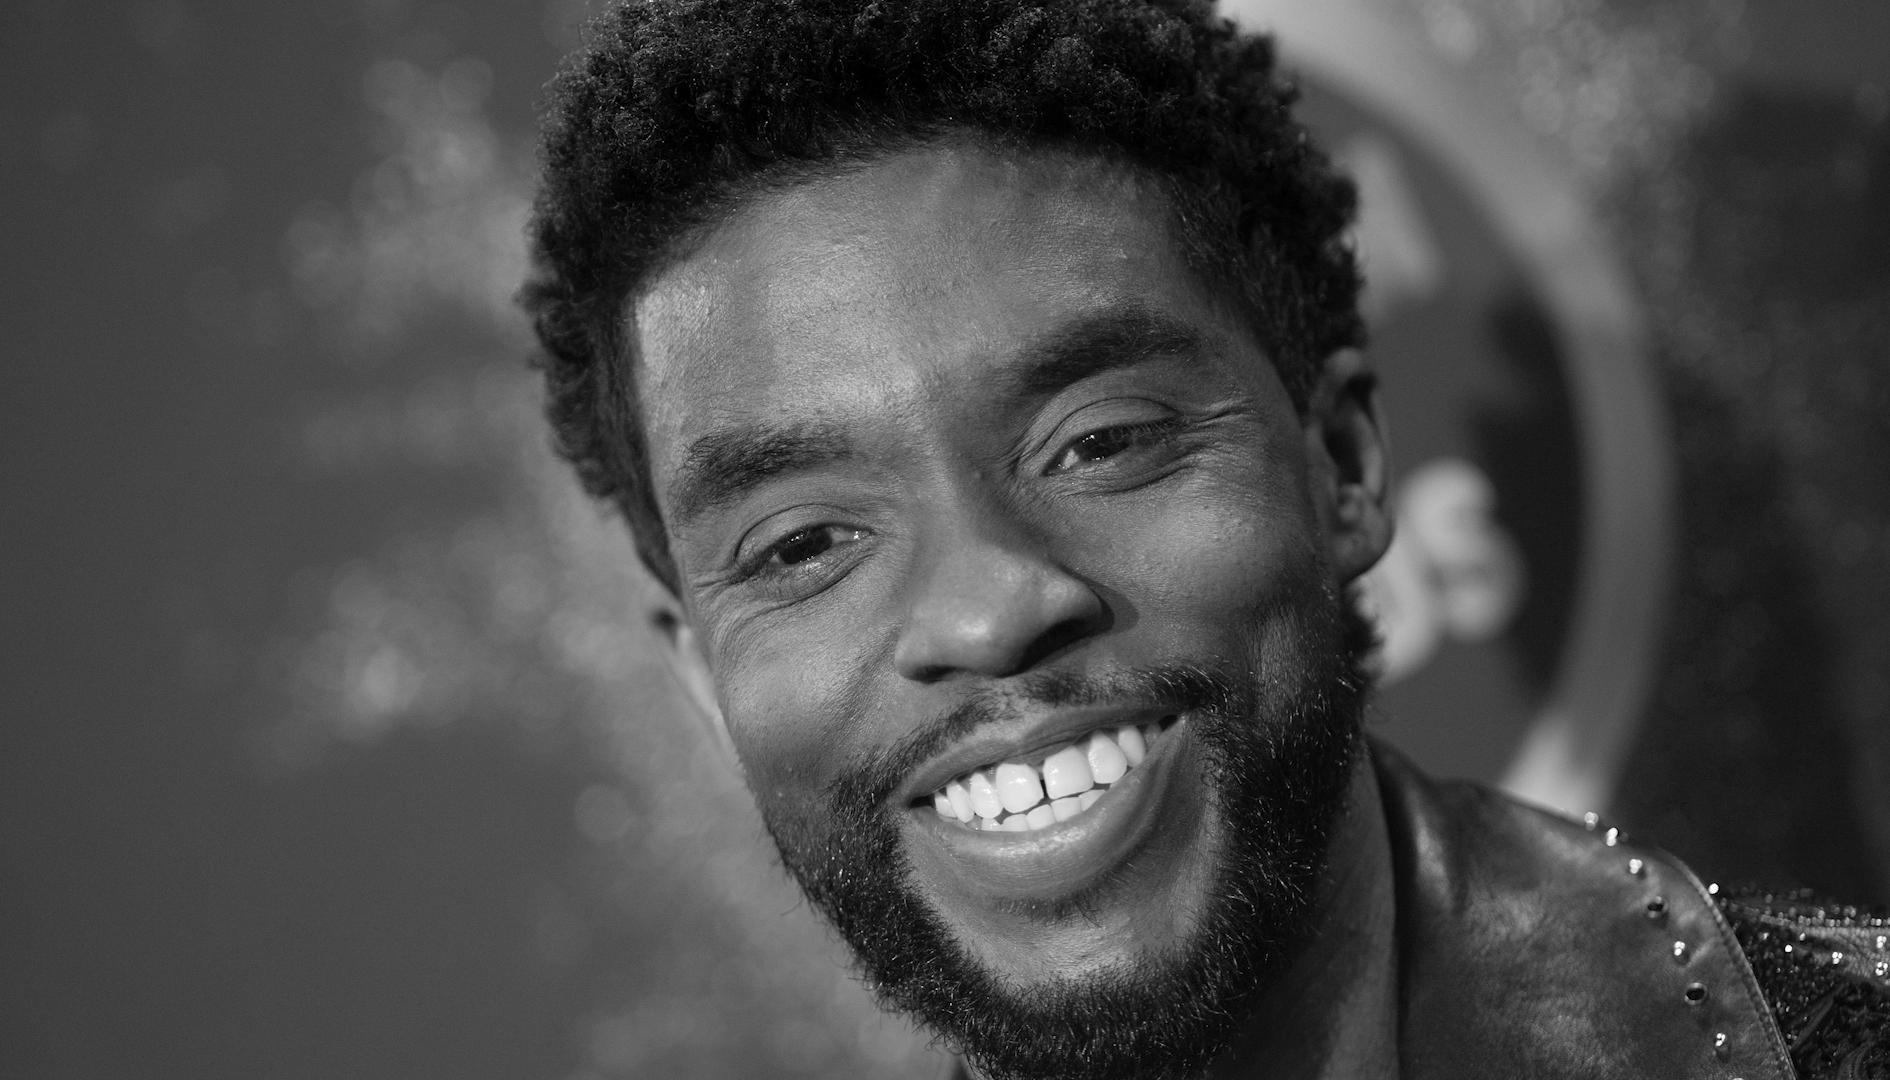 È morto Chadwick Boseman, il Black Panther del MCU